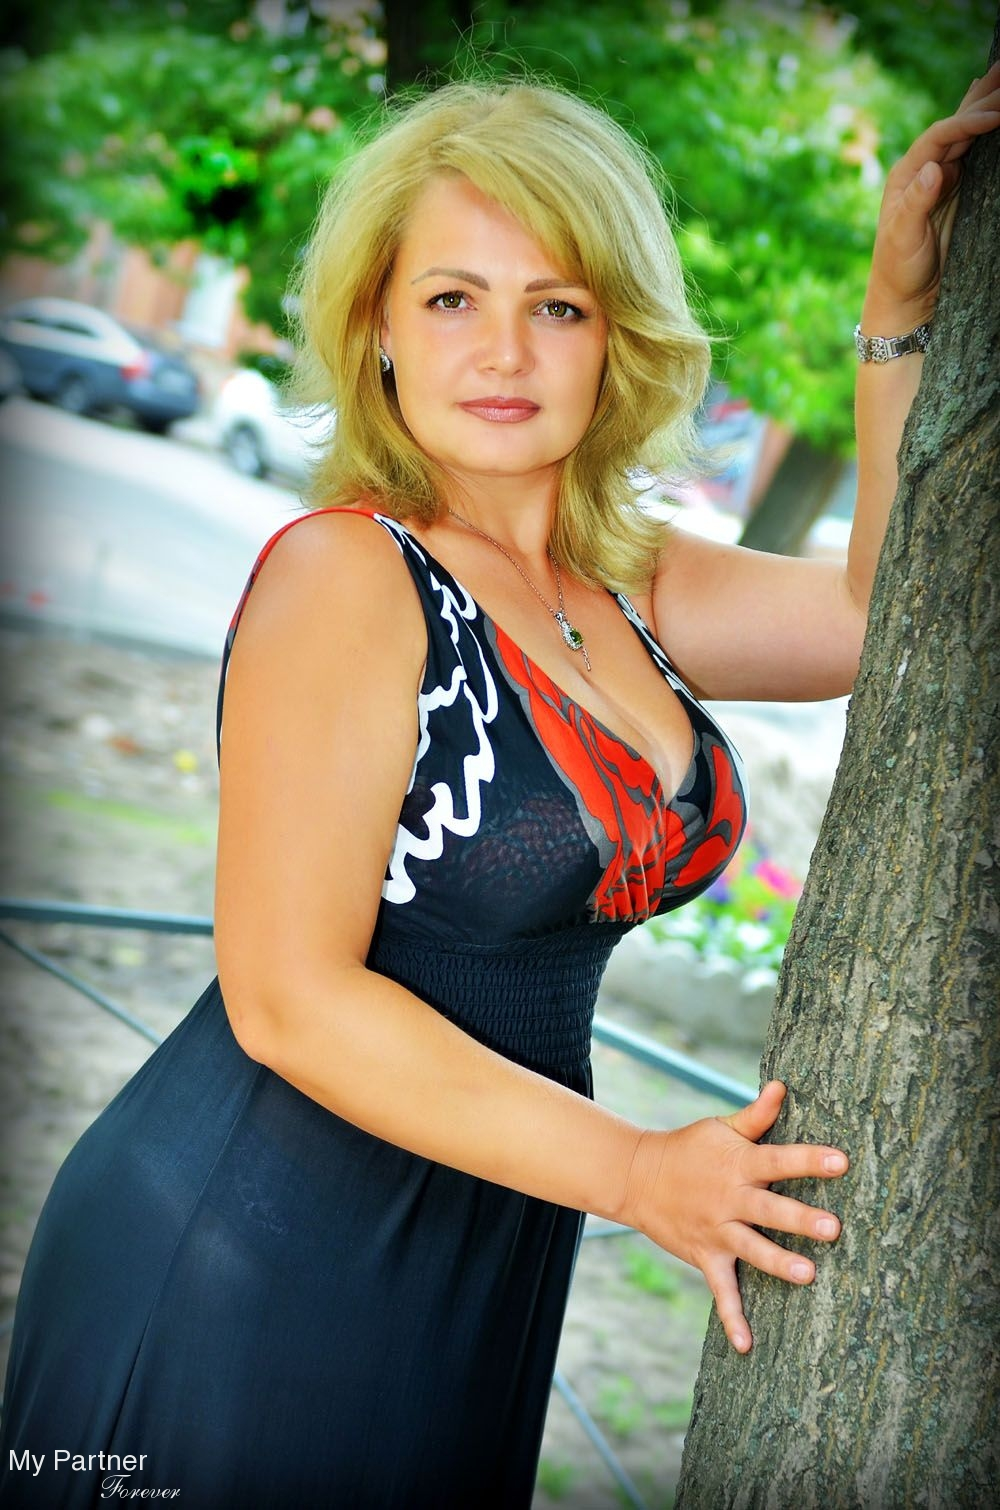 Ukraine dating sites